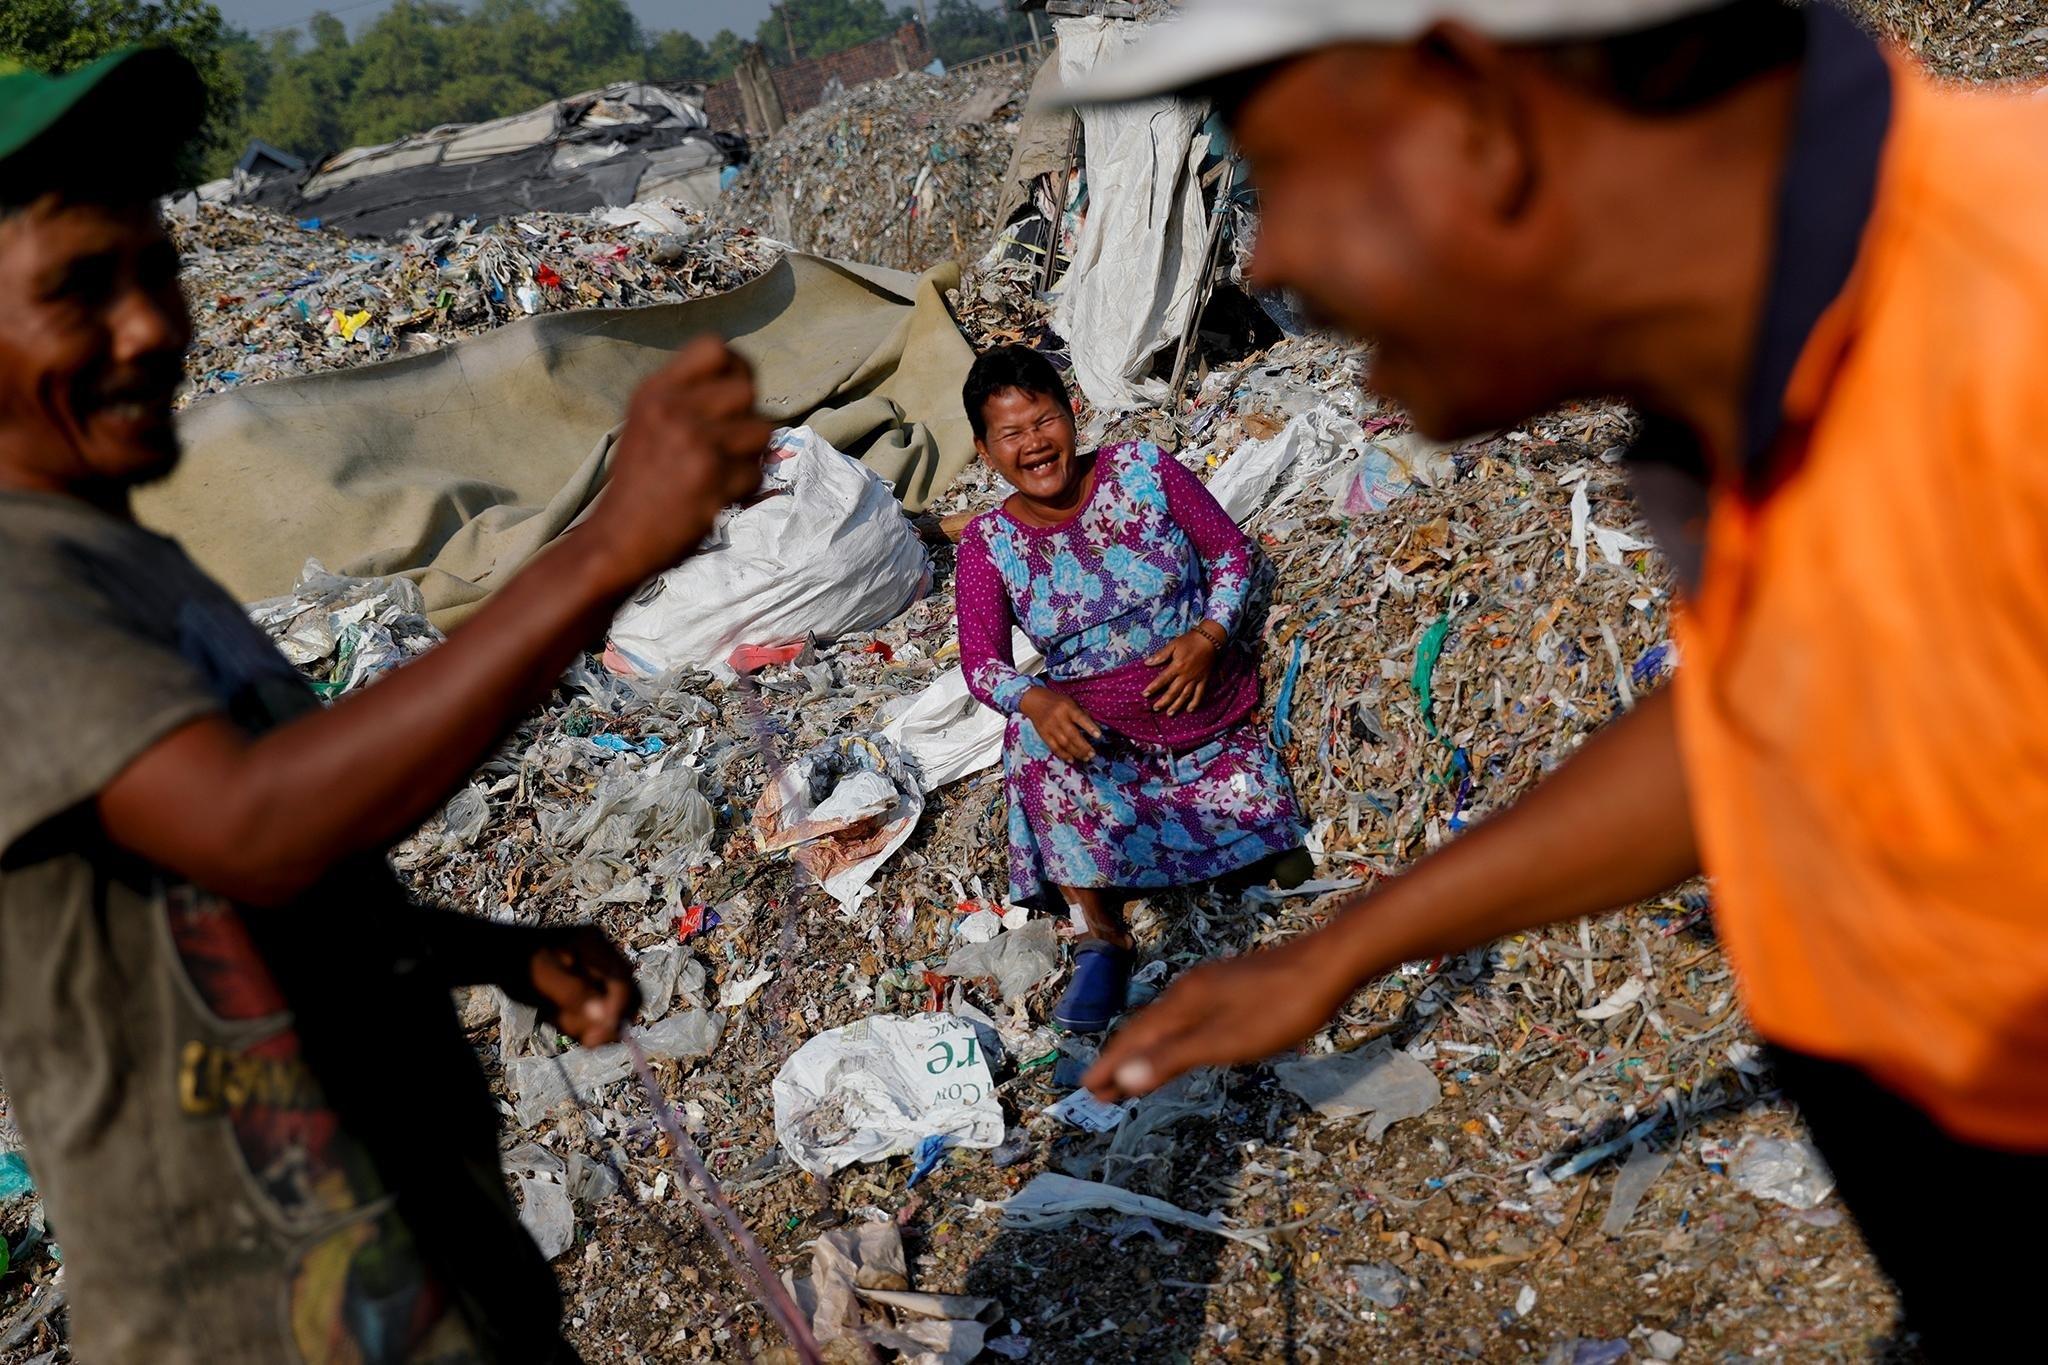 'Đất nước vạn đảo' đối mặt với thảm họa rác thải khủng khiếp nhất lịch sử